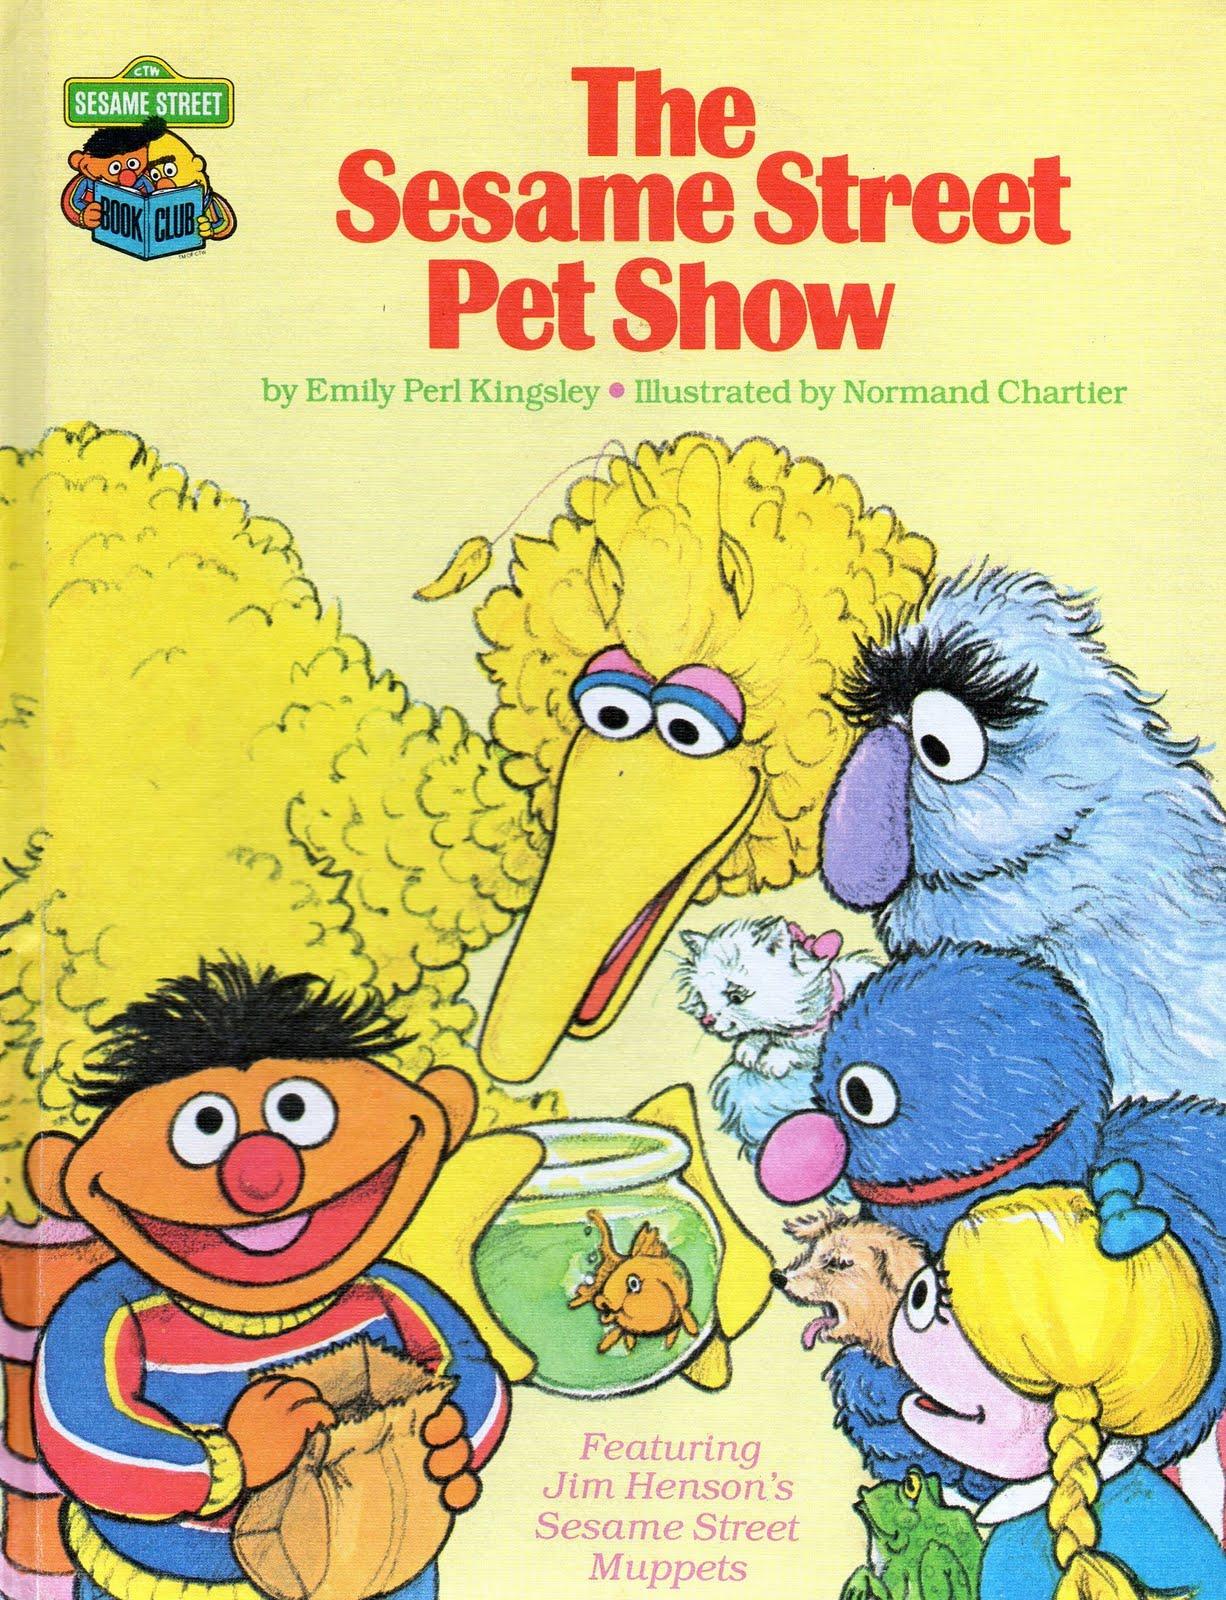 The Sesame Street Pet Show Muppet